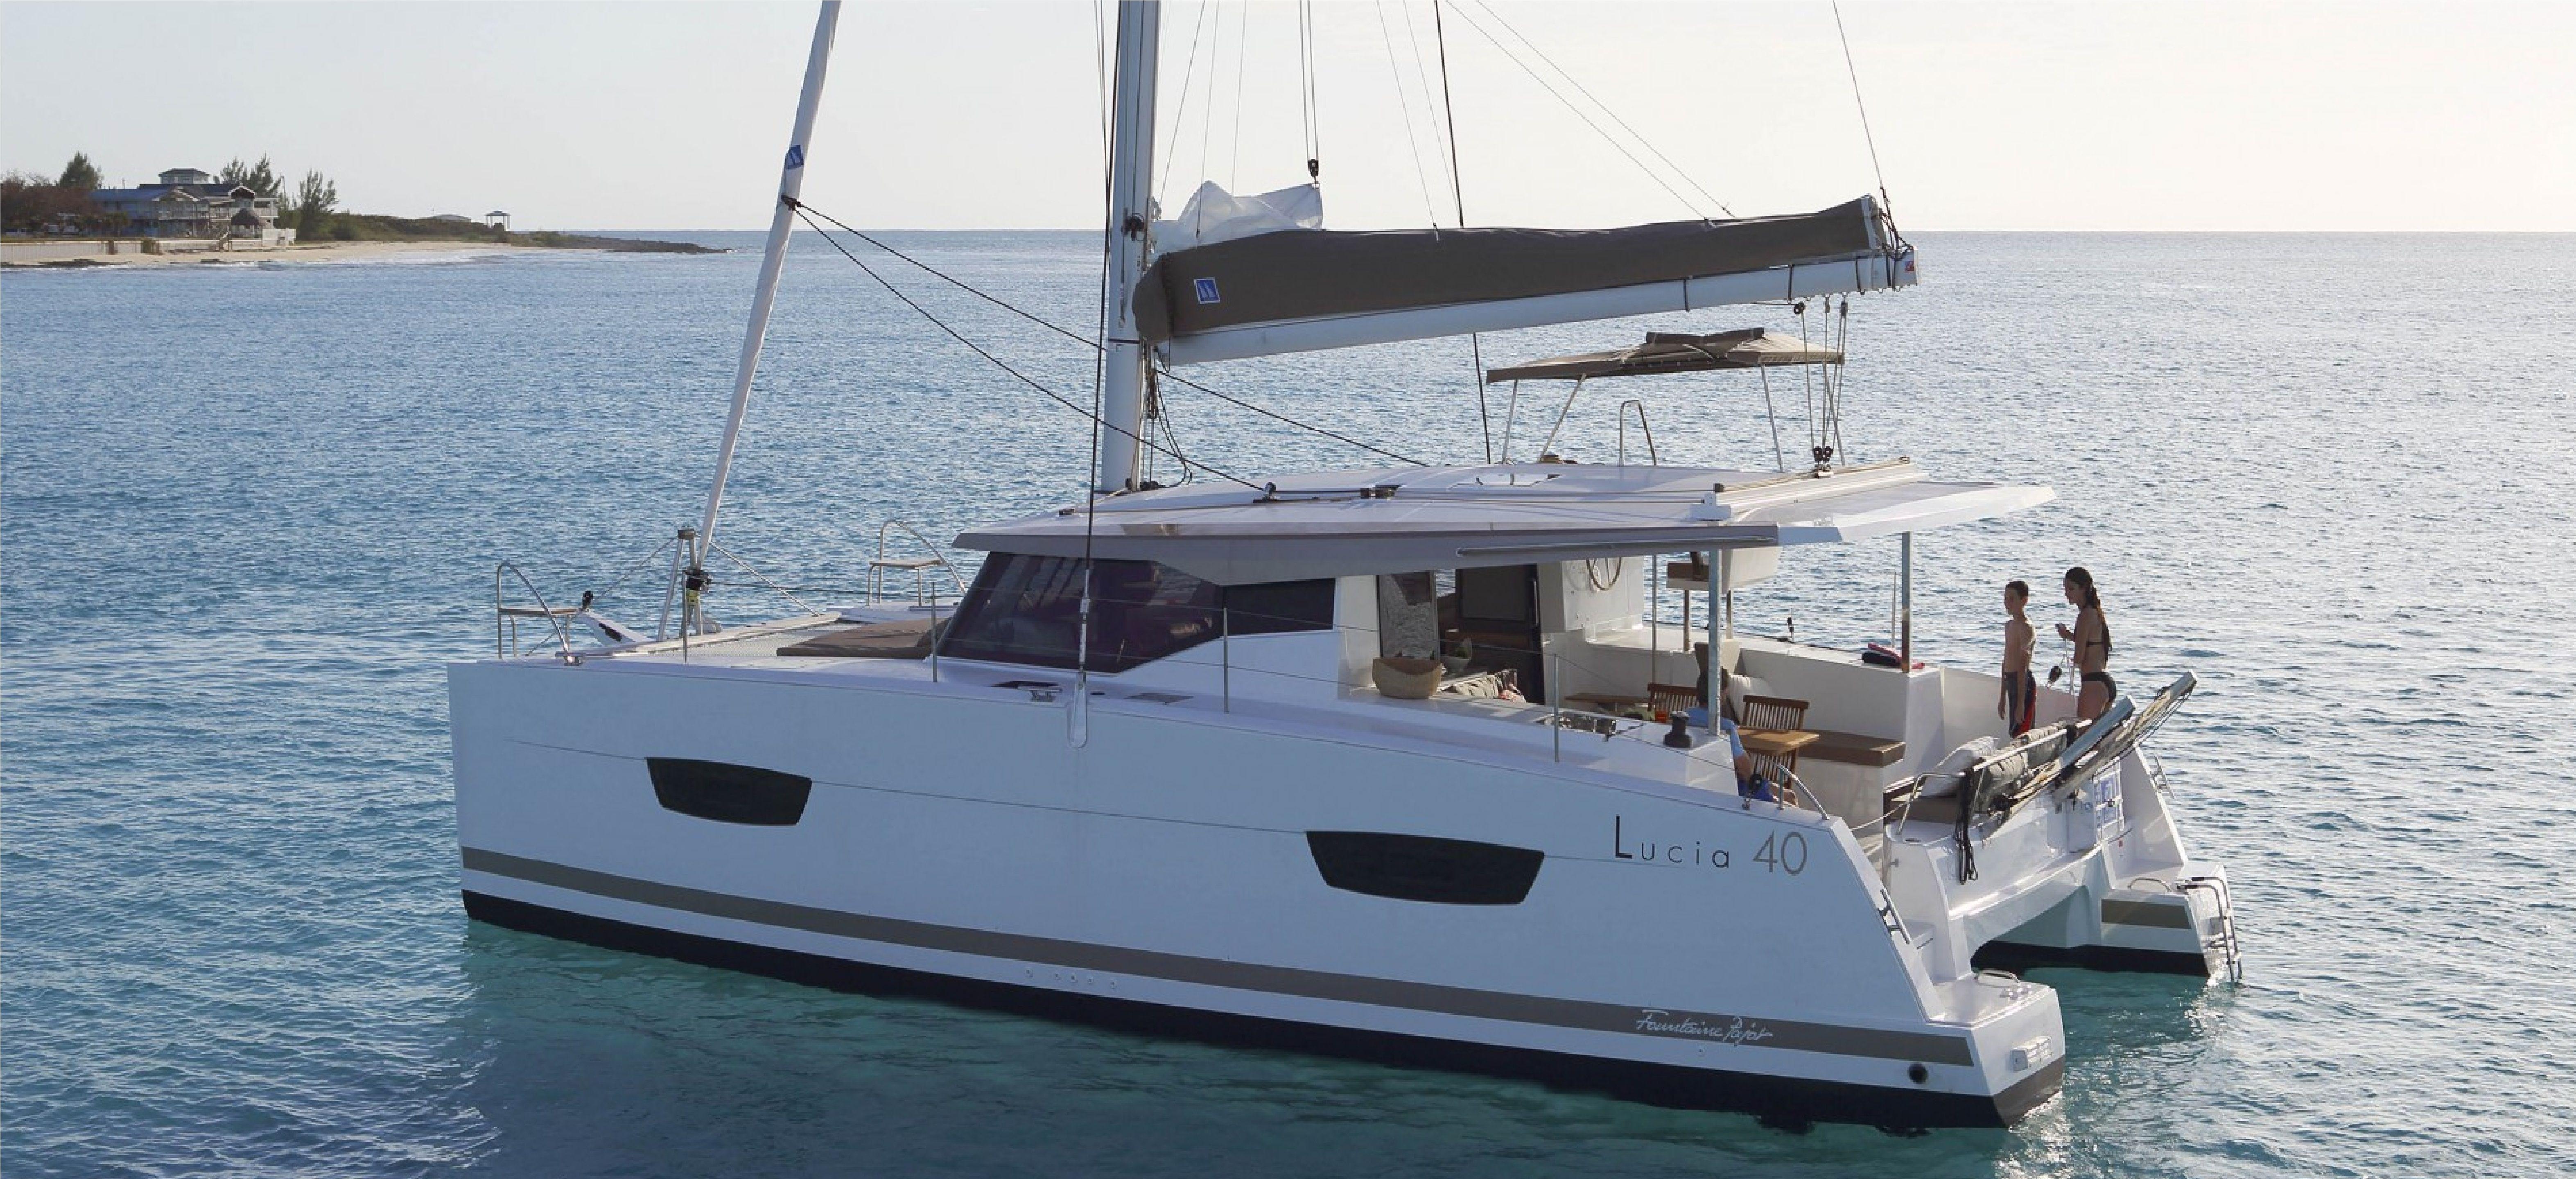 Lucia-40-Cabin-4-Side.jpg